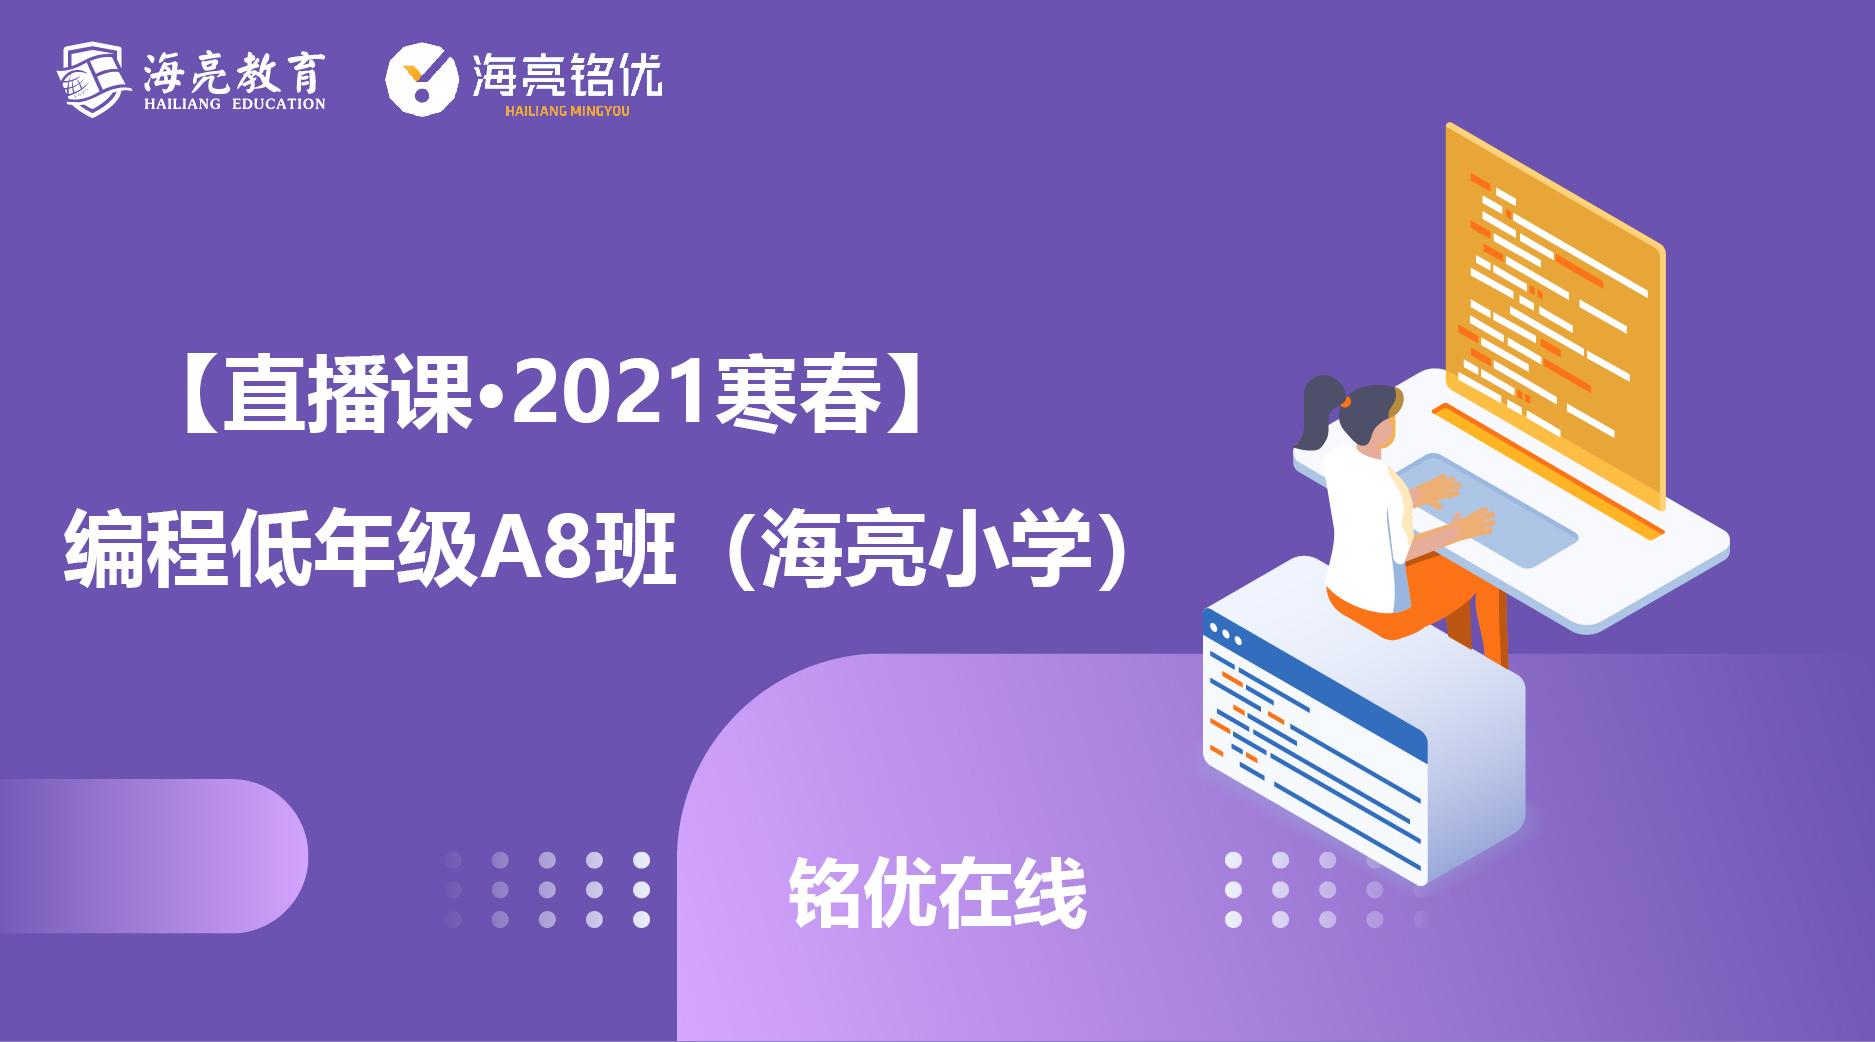 【直播课·2021寒春】编程低年级A8班(海亮小学)